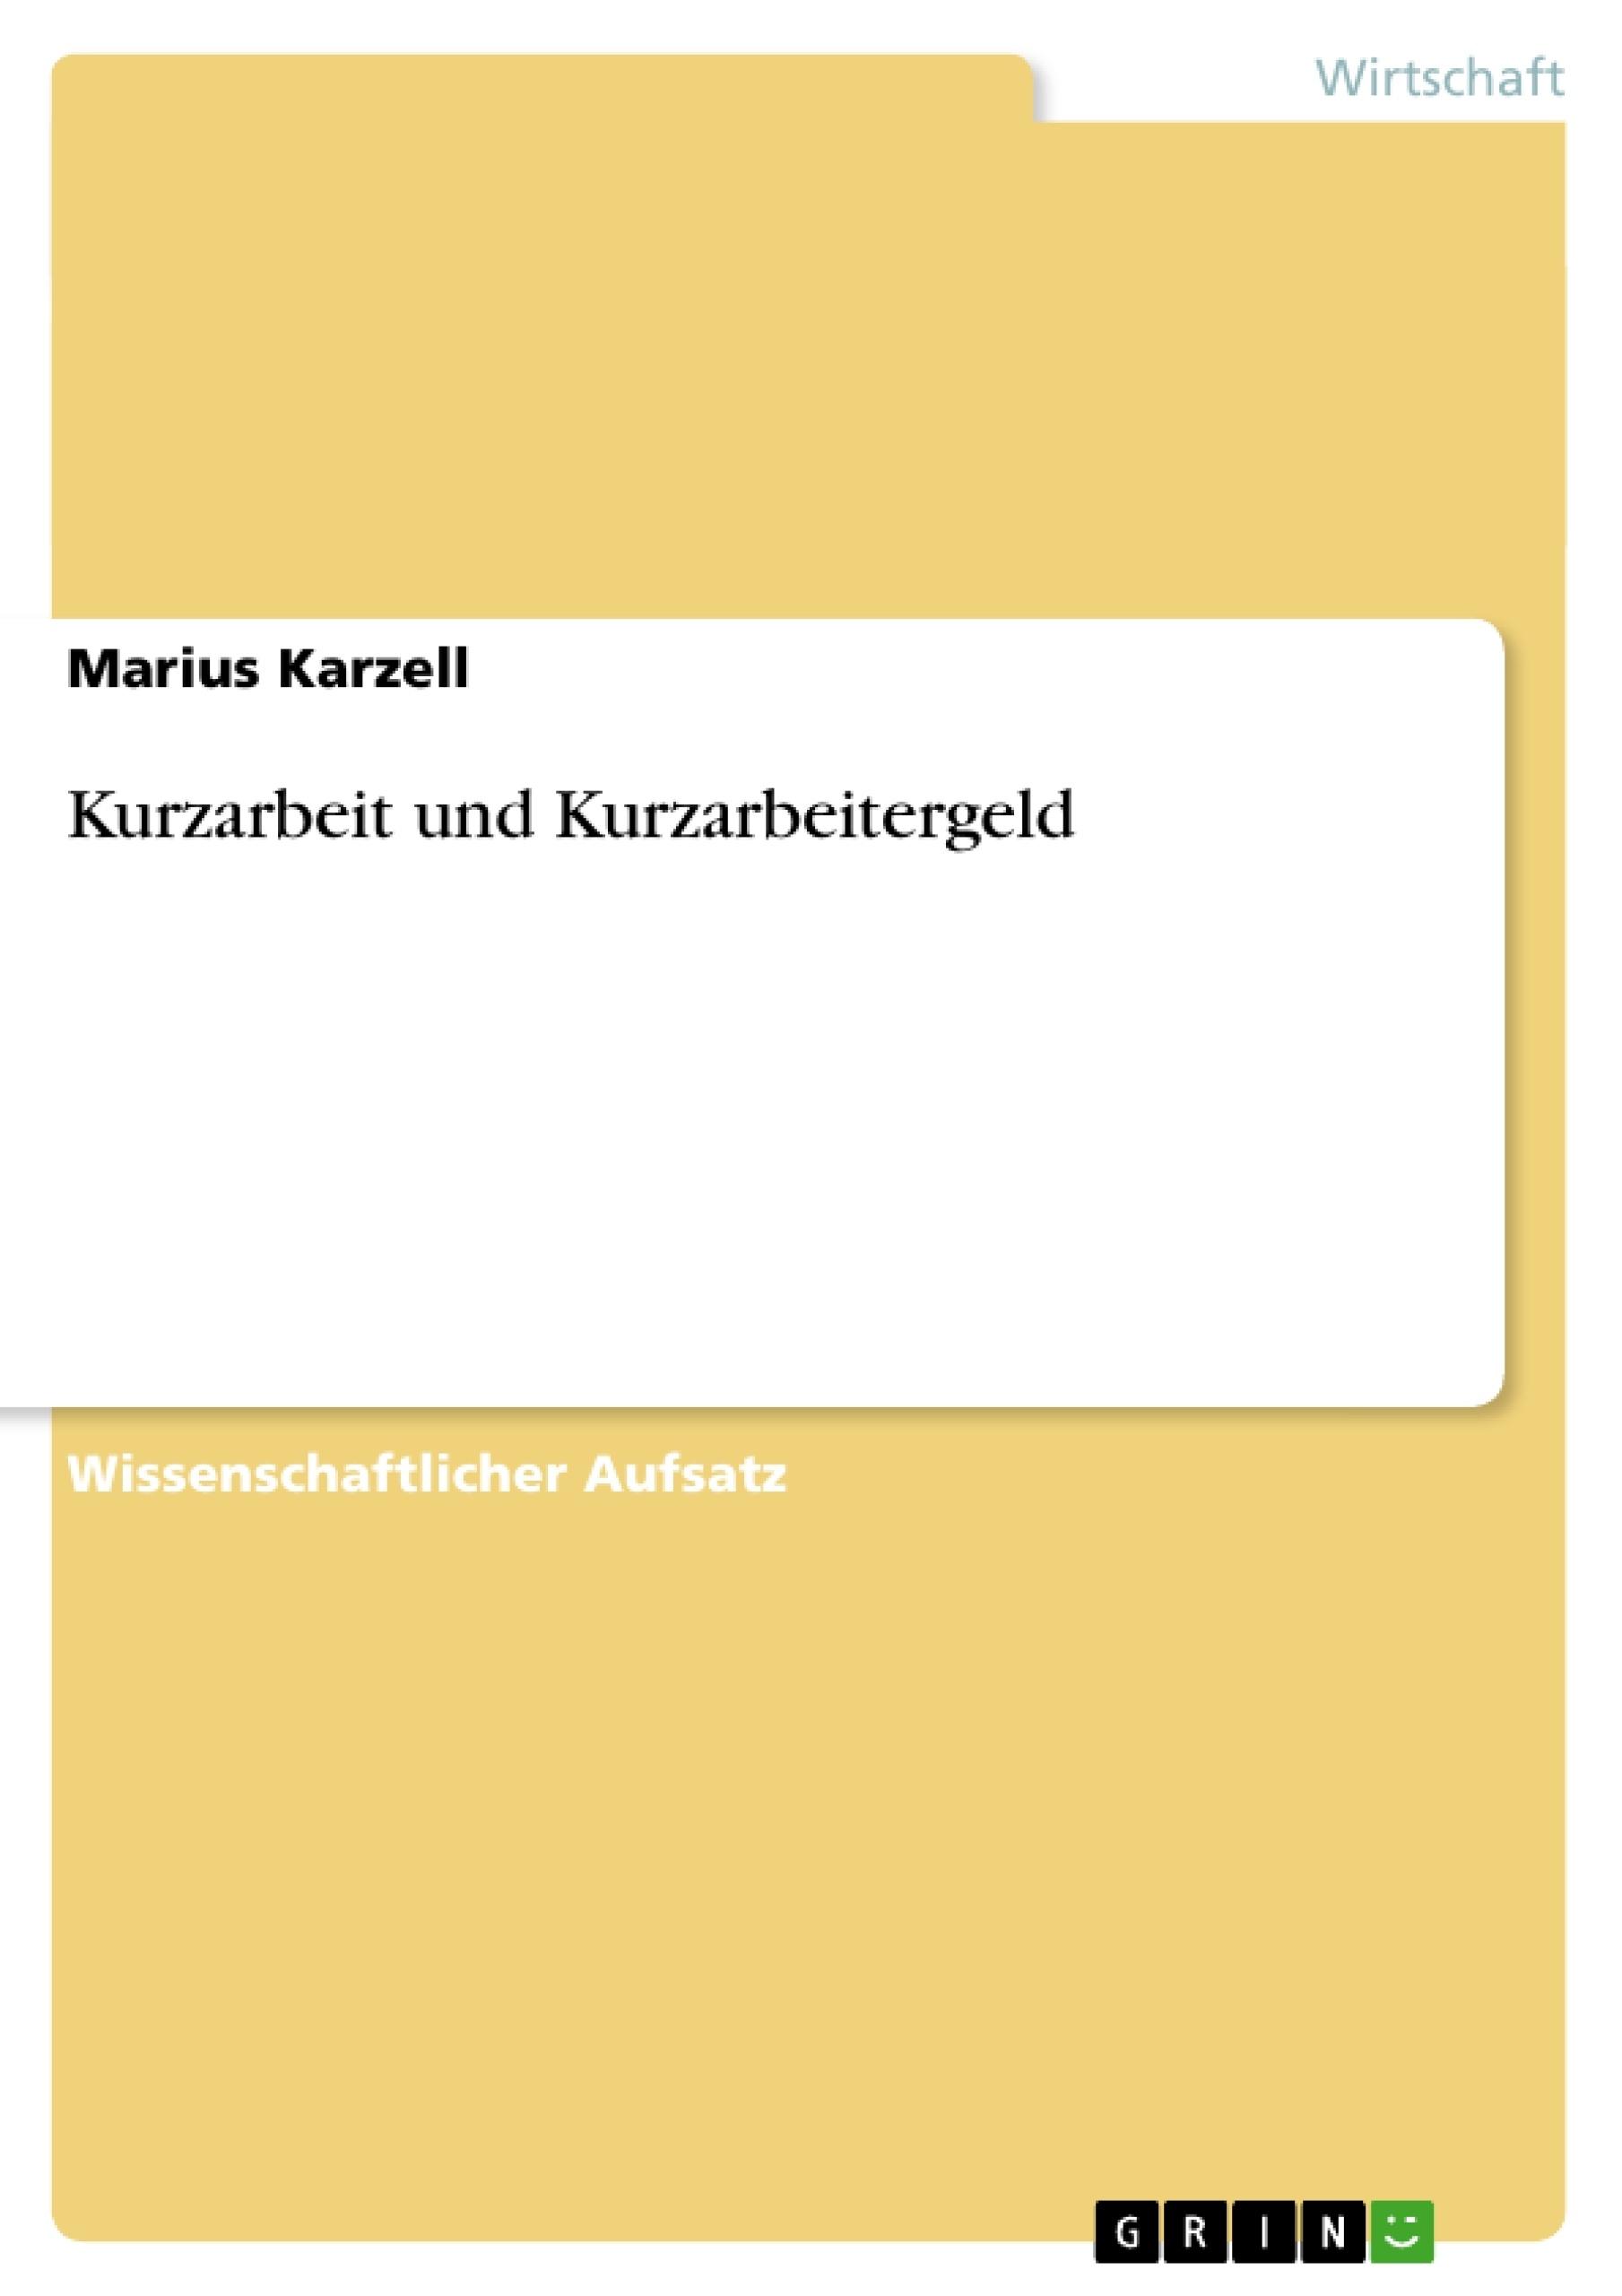 Titel: Kurzarbeit und Kurzarbeitergeld